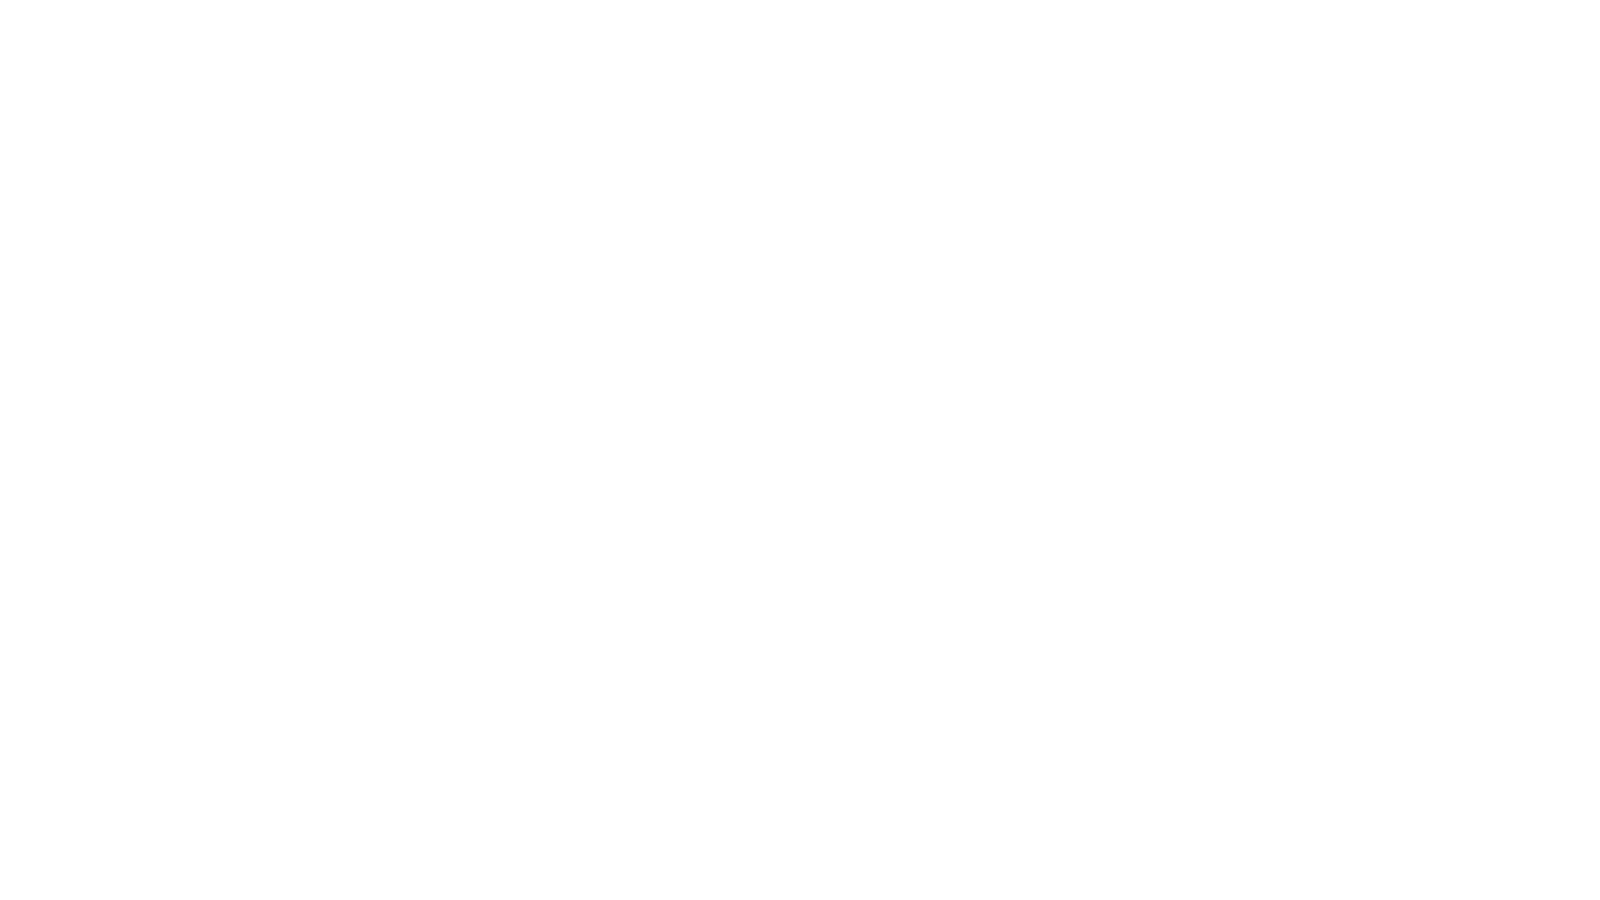 📢 ¡Llegó #YoQuieroProgramar! El programa gratuito de formación que te permitirá desarrollar habilidades necesarias para iniciarte en el mundo del desarrollo de software web 🤝👉 https://go.conosur.tech/yqp  📌 Más info 📌  #YoQuieroProgramar es la iniciativa gratuita de #ConoSurTech que te permitirá ingresar al mundo del desarrollo de #software:  🔣 Un programa integral para aprender #programación 2️⃣ Comienza el 09 de Noviembre de 2021 y las inscripciones ¡YA ESTAN ABIERTAS! 👉 https://go.conosur.tech/yqp  Durante el programa:  📚 Aprenderás de #HTML, #CSS, #JavaScript, Fundamentos de #Programación, #CSharp y #DotNet, #BasesDeDatos y #DevOps 😱😱😱 ✅ Tendrás acceso a un Sistema de Aprendizaje 100% online para que avances en tus tiempos ⏲ y a tu propio ritmo 🏃🏃♂️🏃♀️. 💡 Te enfrentarás a ejercios y exámenes integrados en la plataforma. 🎓 Podrás obtener Certificados al aprobar cada Diplomado y Fases 👨🎓👩🎓. 💼 Además, tendrás la oportunidad de tener contacto con empresas e incrementar tus chances de comenzar a trabajar.  Y lo mejor: completamente GRATUITO 💸🤑🆓 👉 https://go.conosur.tech/yqp  ¡No te pierdas esta oportunidad! Pre-inscríbete y comienza tu camino a transformar tu vida profesional junto a #ConoSurTech 😀💪👌  📌 Cómo inscribirse en el Programa 📌  🔗 Ingresa en https://go.conosur.tech/yqp ✅ Sigue las instrucciones para iniciar  📌 Sobre ConoSur.Tech 📌  #ConoSurTech es una iniciativa para conectar, difundir y brindar recursos a comunidades de #tecnología.  🔴 Sitio Web: https://conosur.tech 🔴 Twitter: https://twitter.com/conosurtech 🔴 Facebook: https://www.facebook.com/ConoSurTech 🔴 Instagram: https://www.instagram.com/conosurtech/ 🔴 LinkedIn: https://www.linkedin.com/company/conosurtech  ⚠ Si necesitas ayuda sobre ConoSur.Tech puedes encontrarla en https://ayuda.conosur.tech/